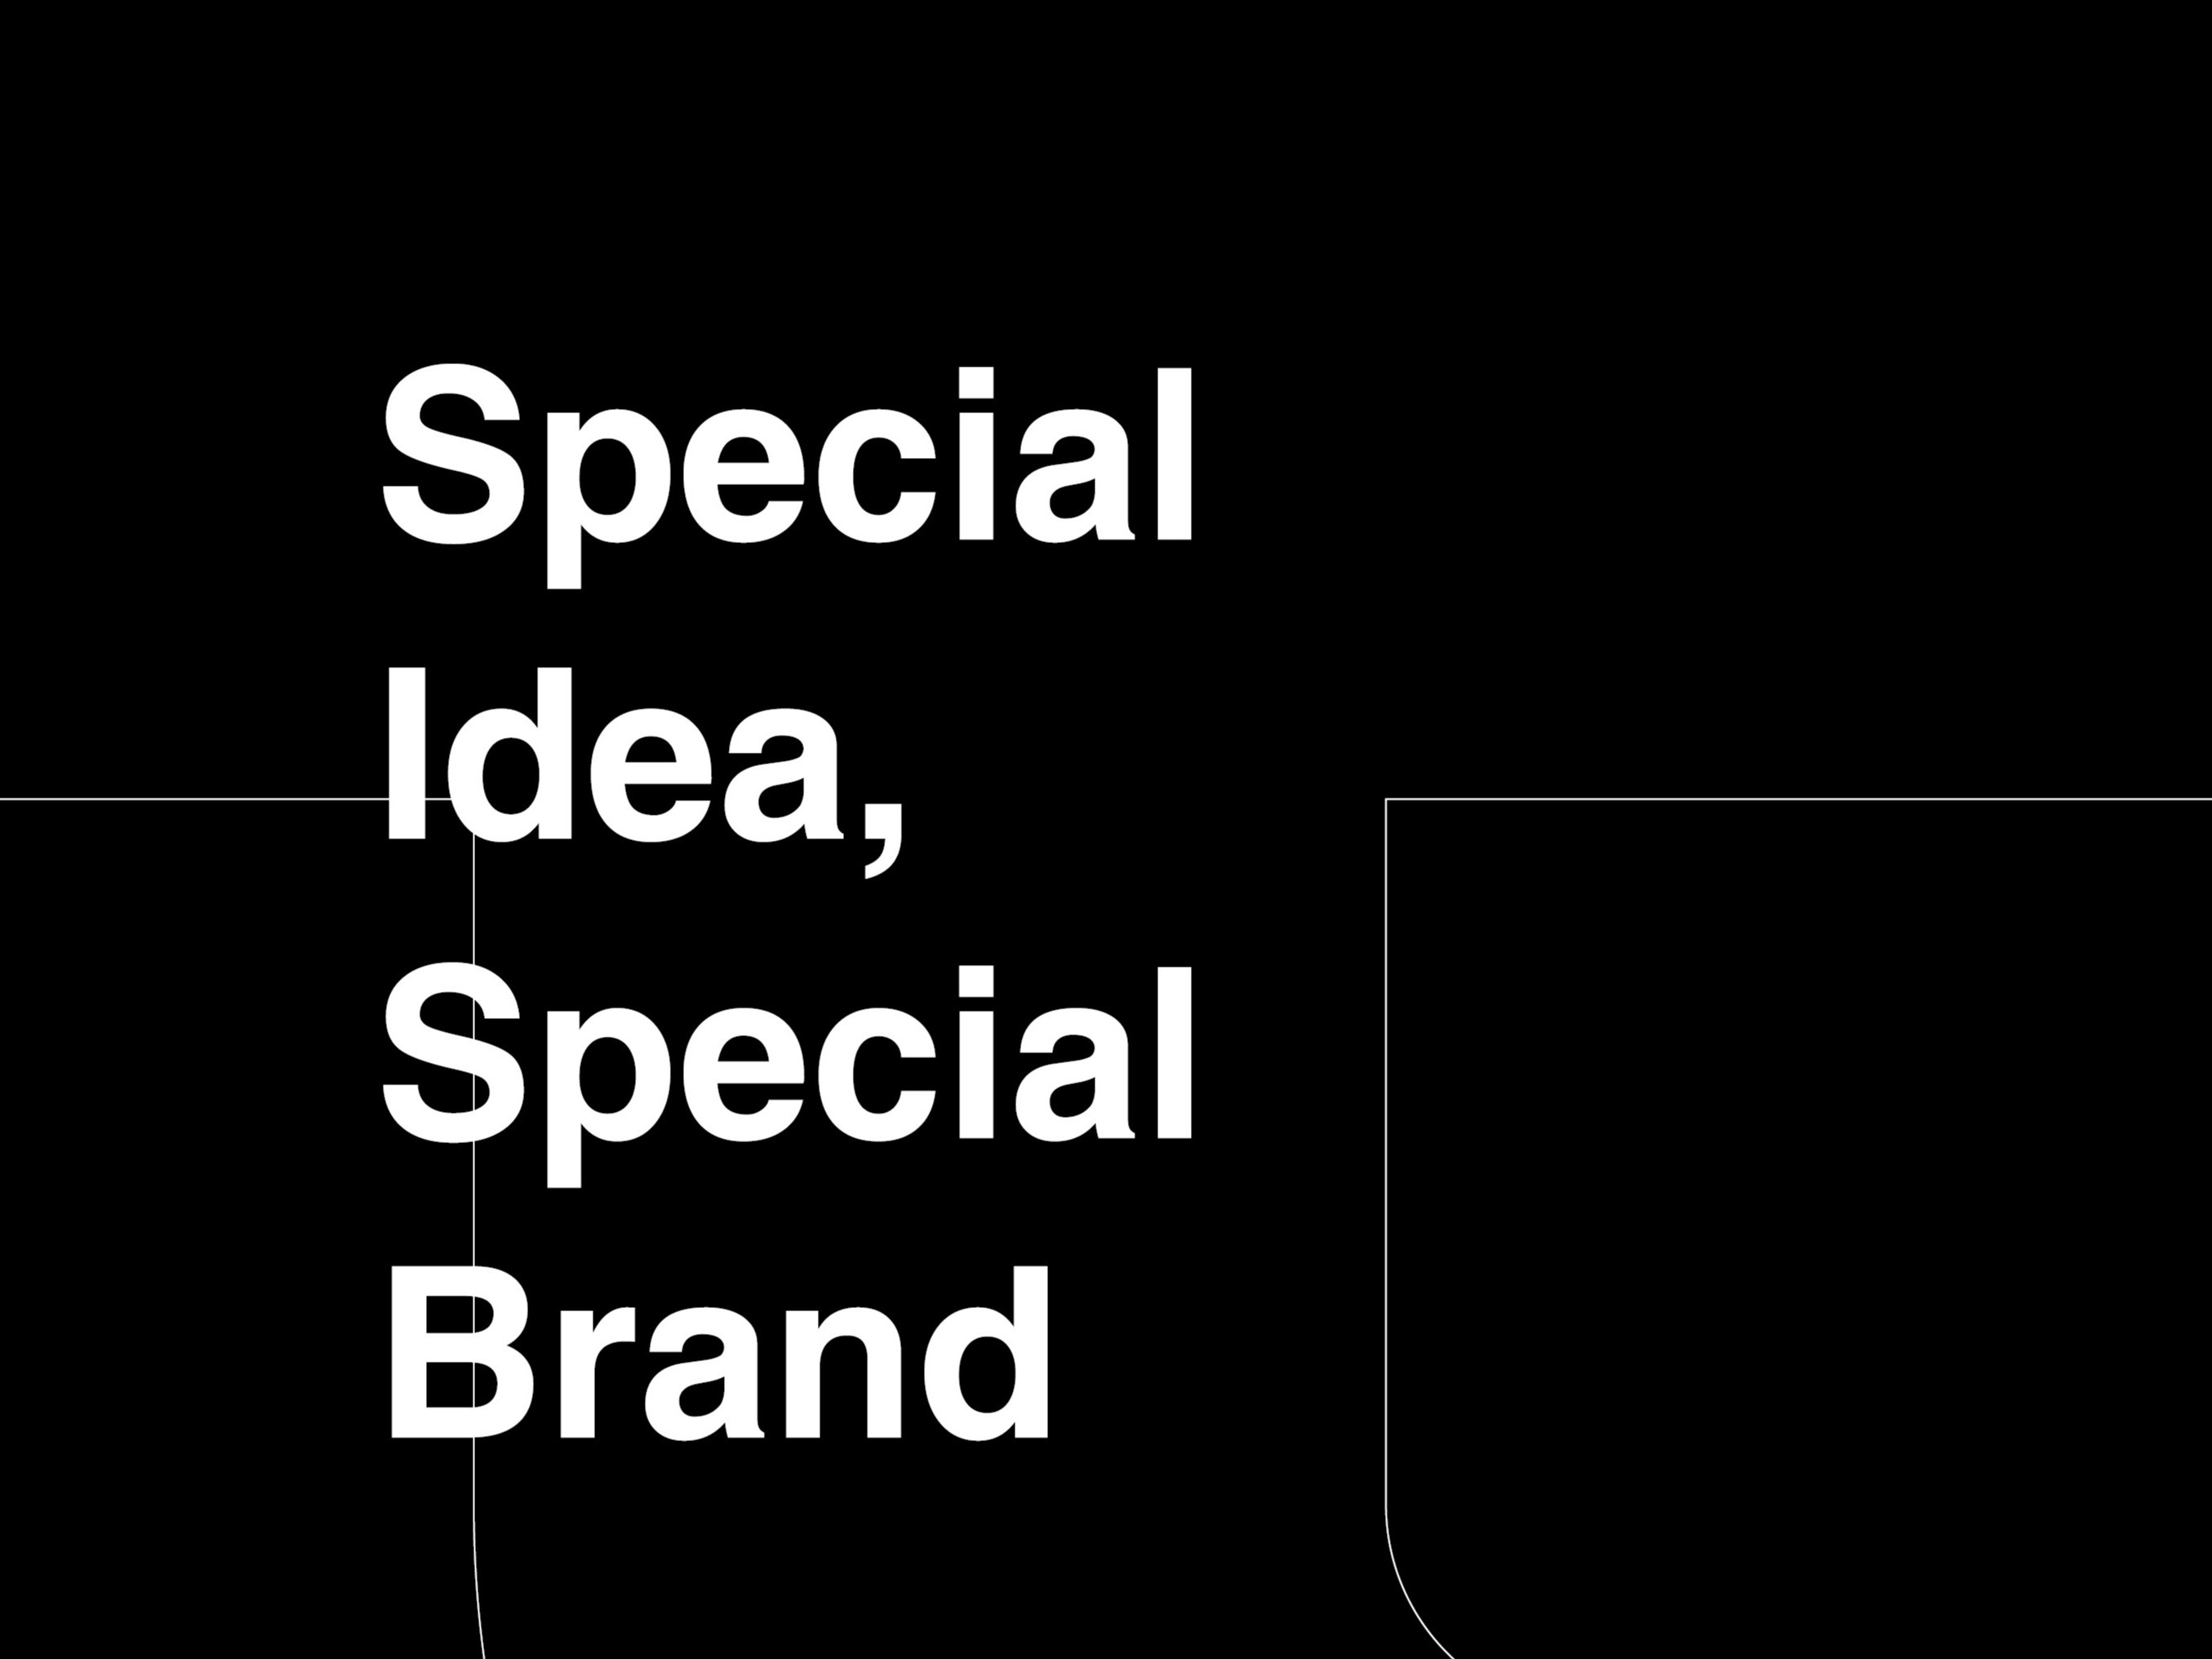 오랫동안 기억되는 브랜드를 위한 디자인 솔루션을 제안해 드립니다.